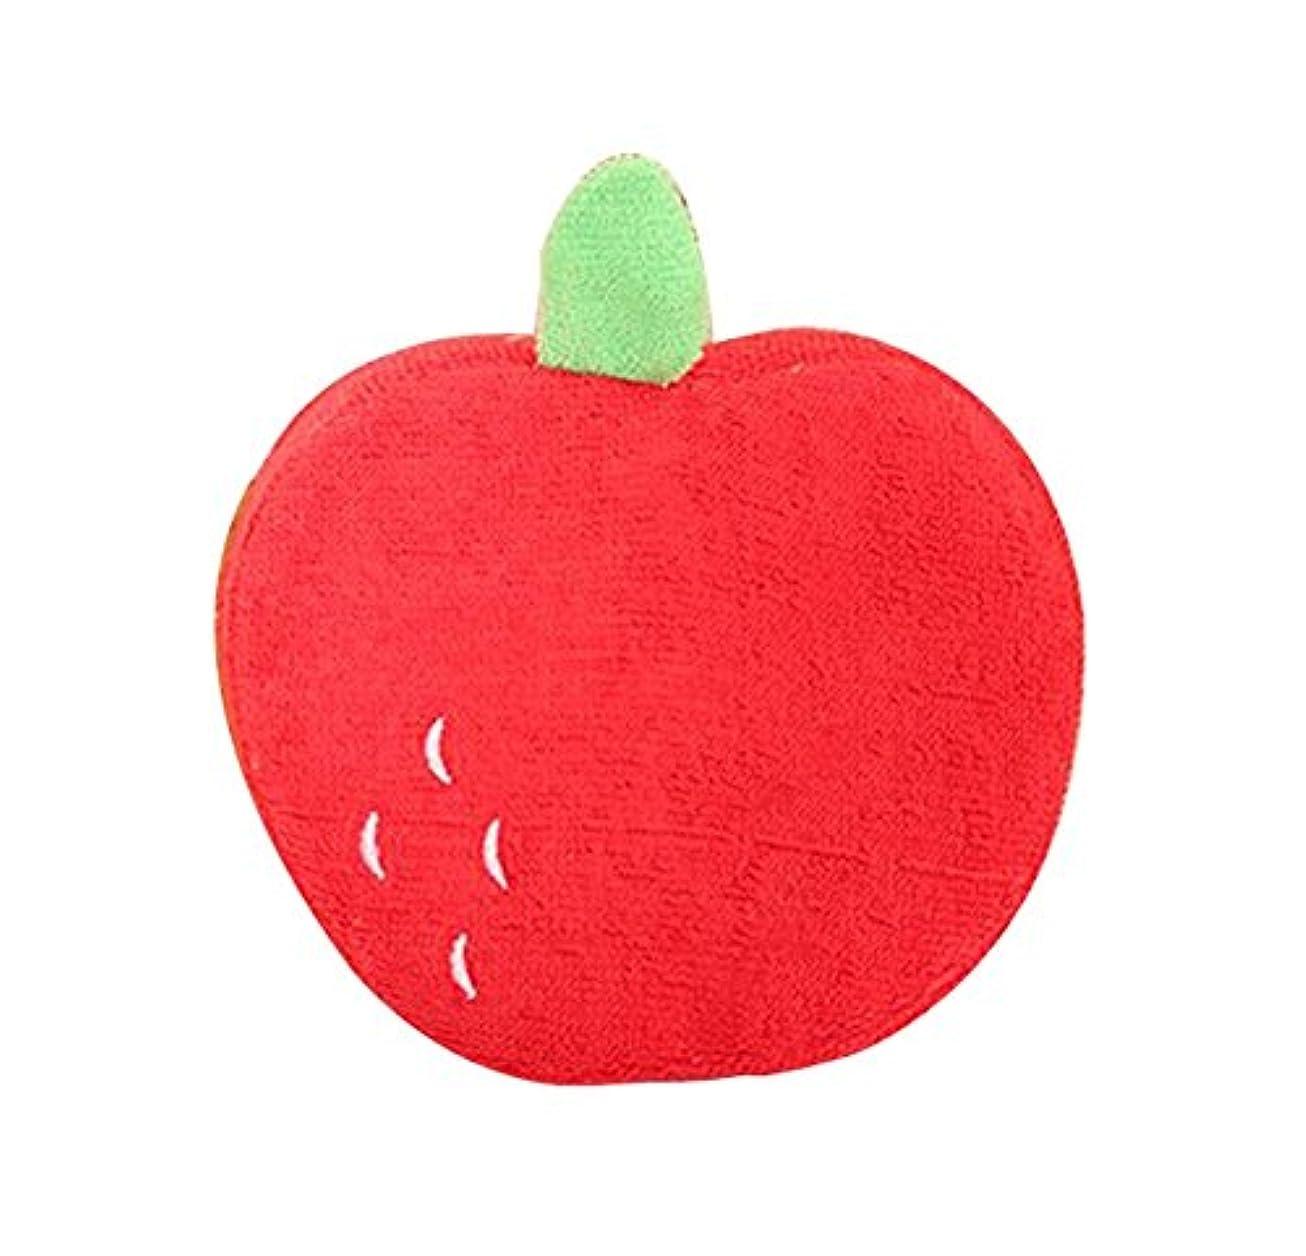 役職ブラザーダンプステレオ感覚は強い果実の形ですベビーバスコットンバススポンジ、アップル